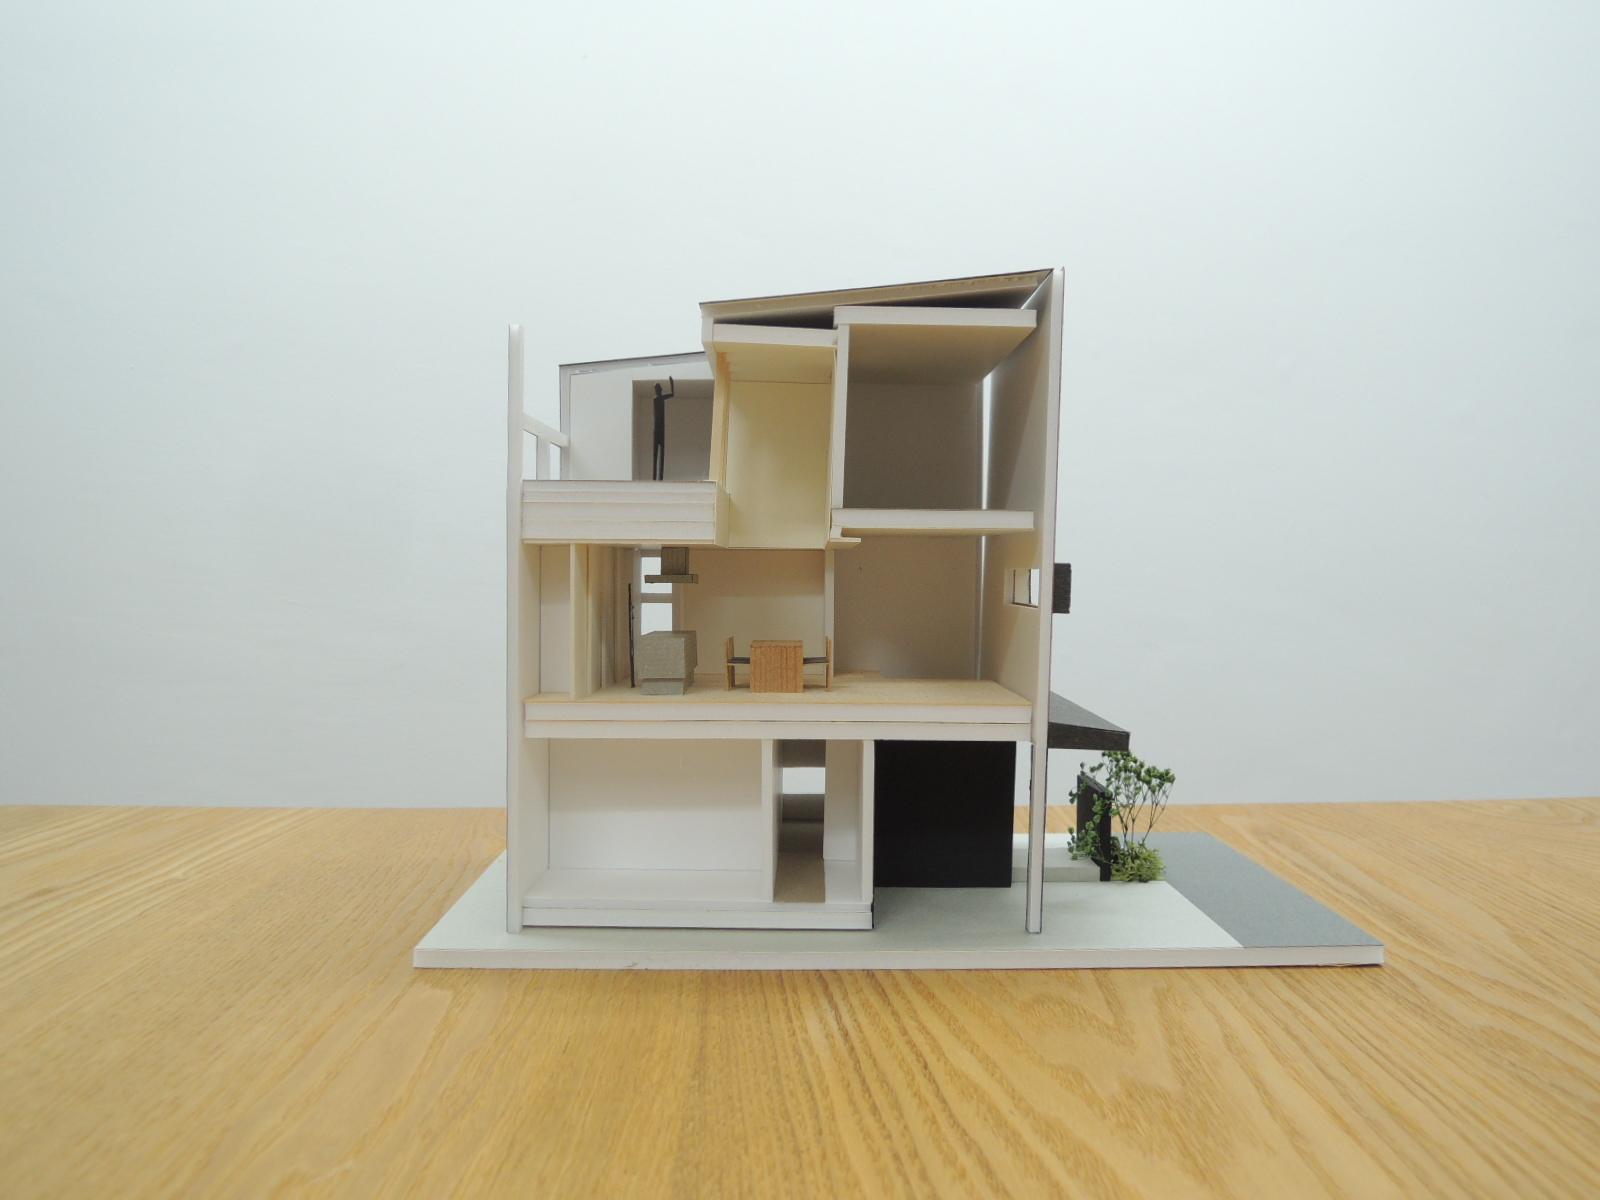 四條畷の家,断面,木造3階建て,デザイン